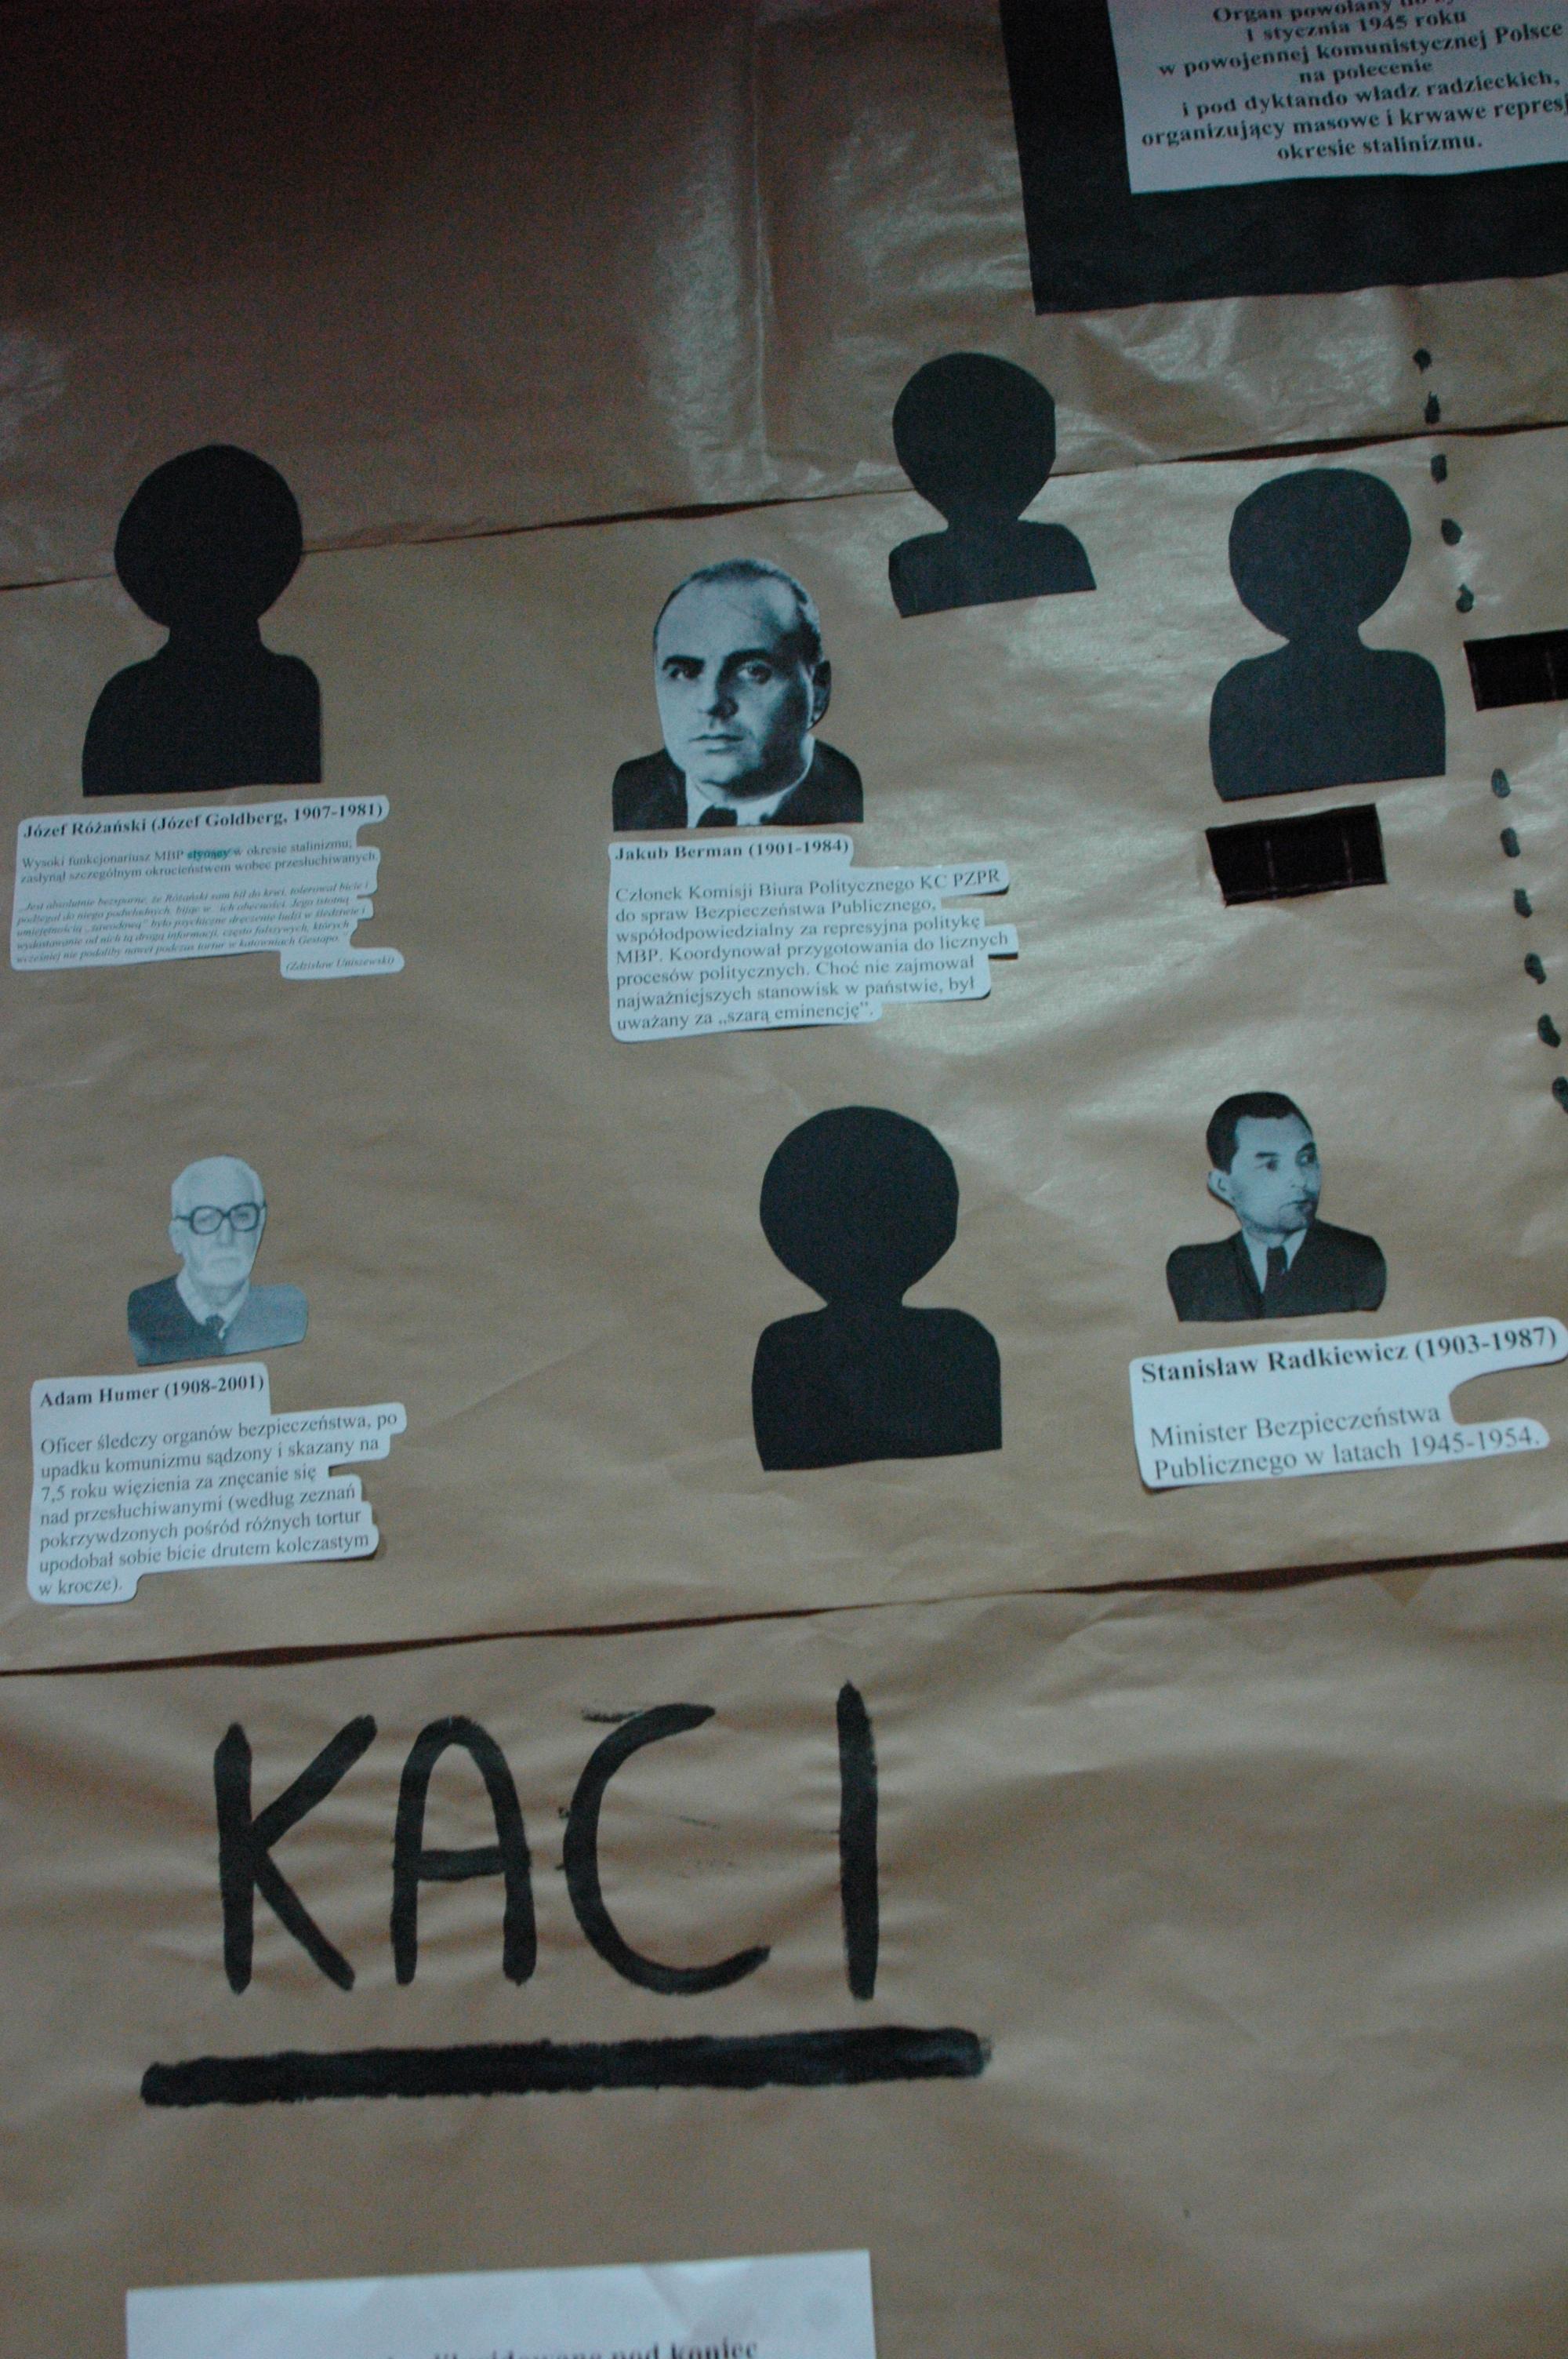 Portrety i biogramy niektórych oprawców okresu stalinowskiego.